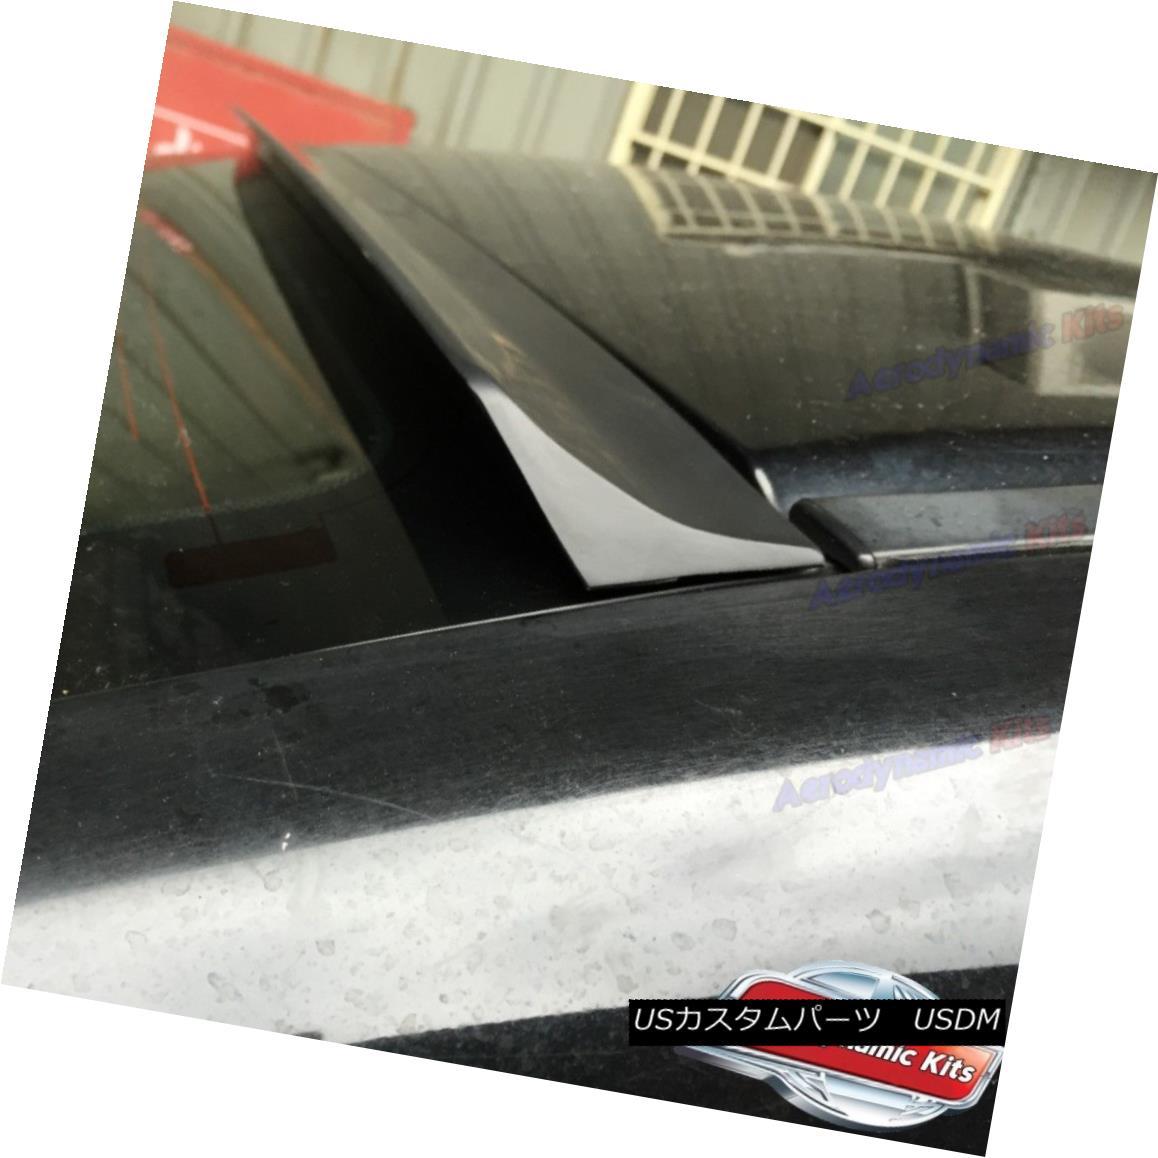 エアロパーツ Flat Black LRS Type Rear Roof Spoiler Wing For Infiniti M35 M45 2005-10 Sedan ? インフィニティ用フラットブラックLRSタイプリアルーフスポイラーウィングM35 M45 2005-10セダン?